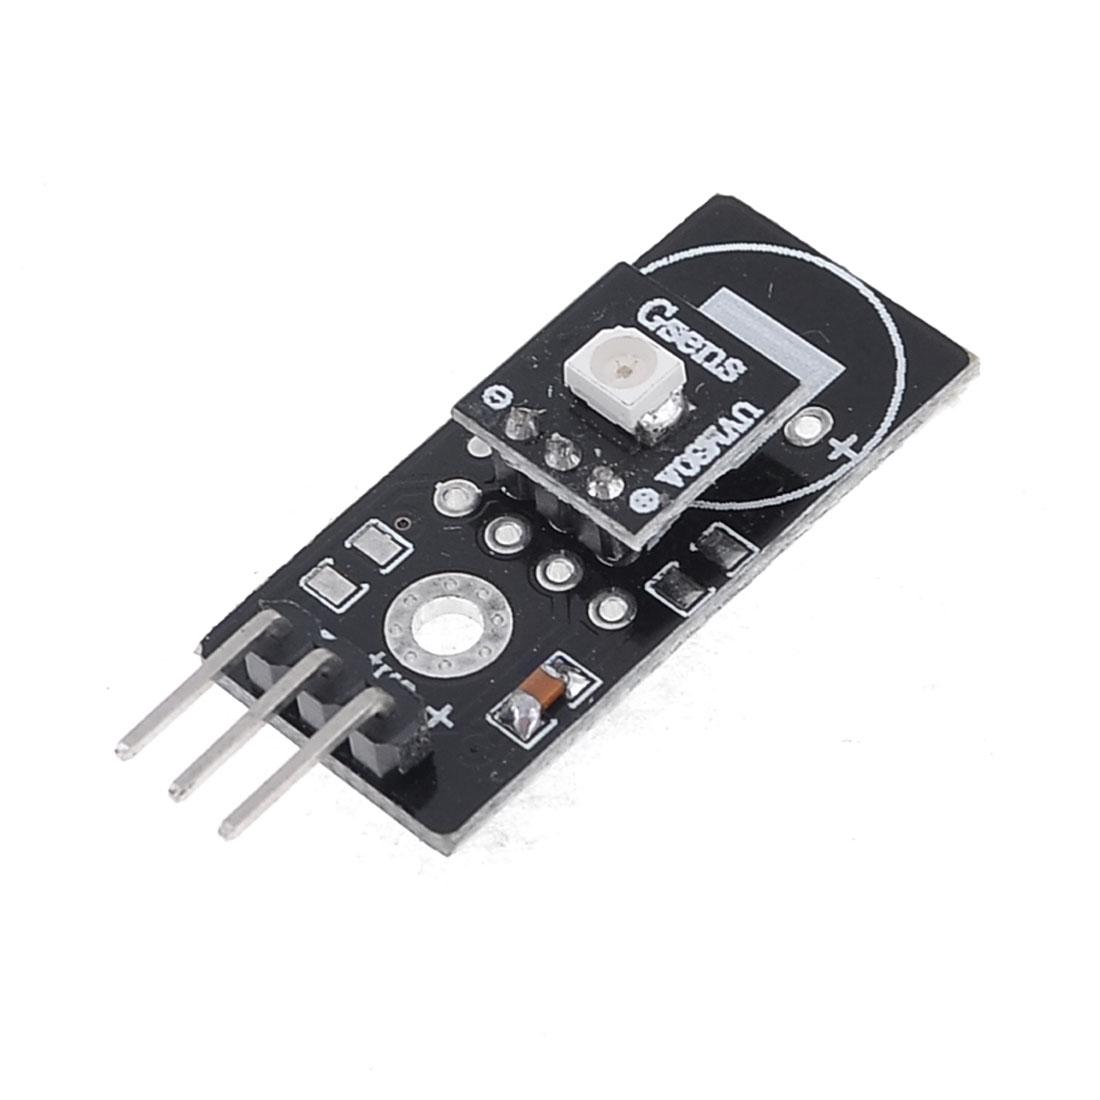 DC3-5V 200nm-370nm Response Wavelength UV Sensor Module Black UVM-30A